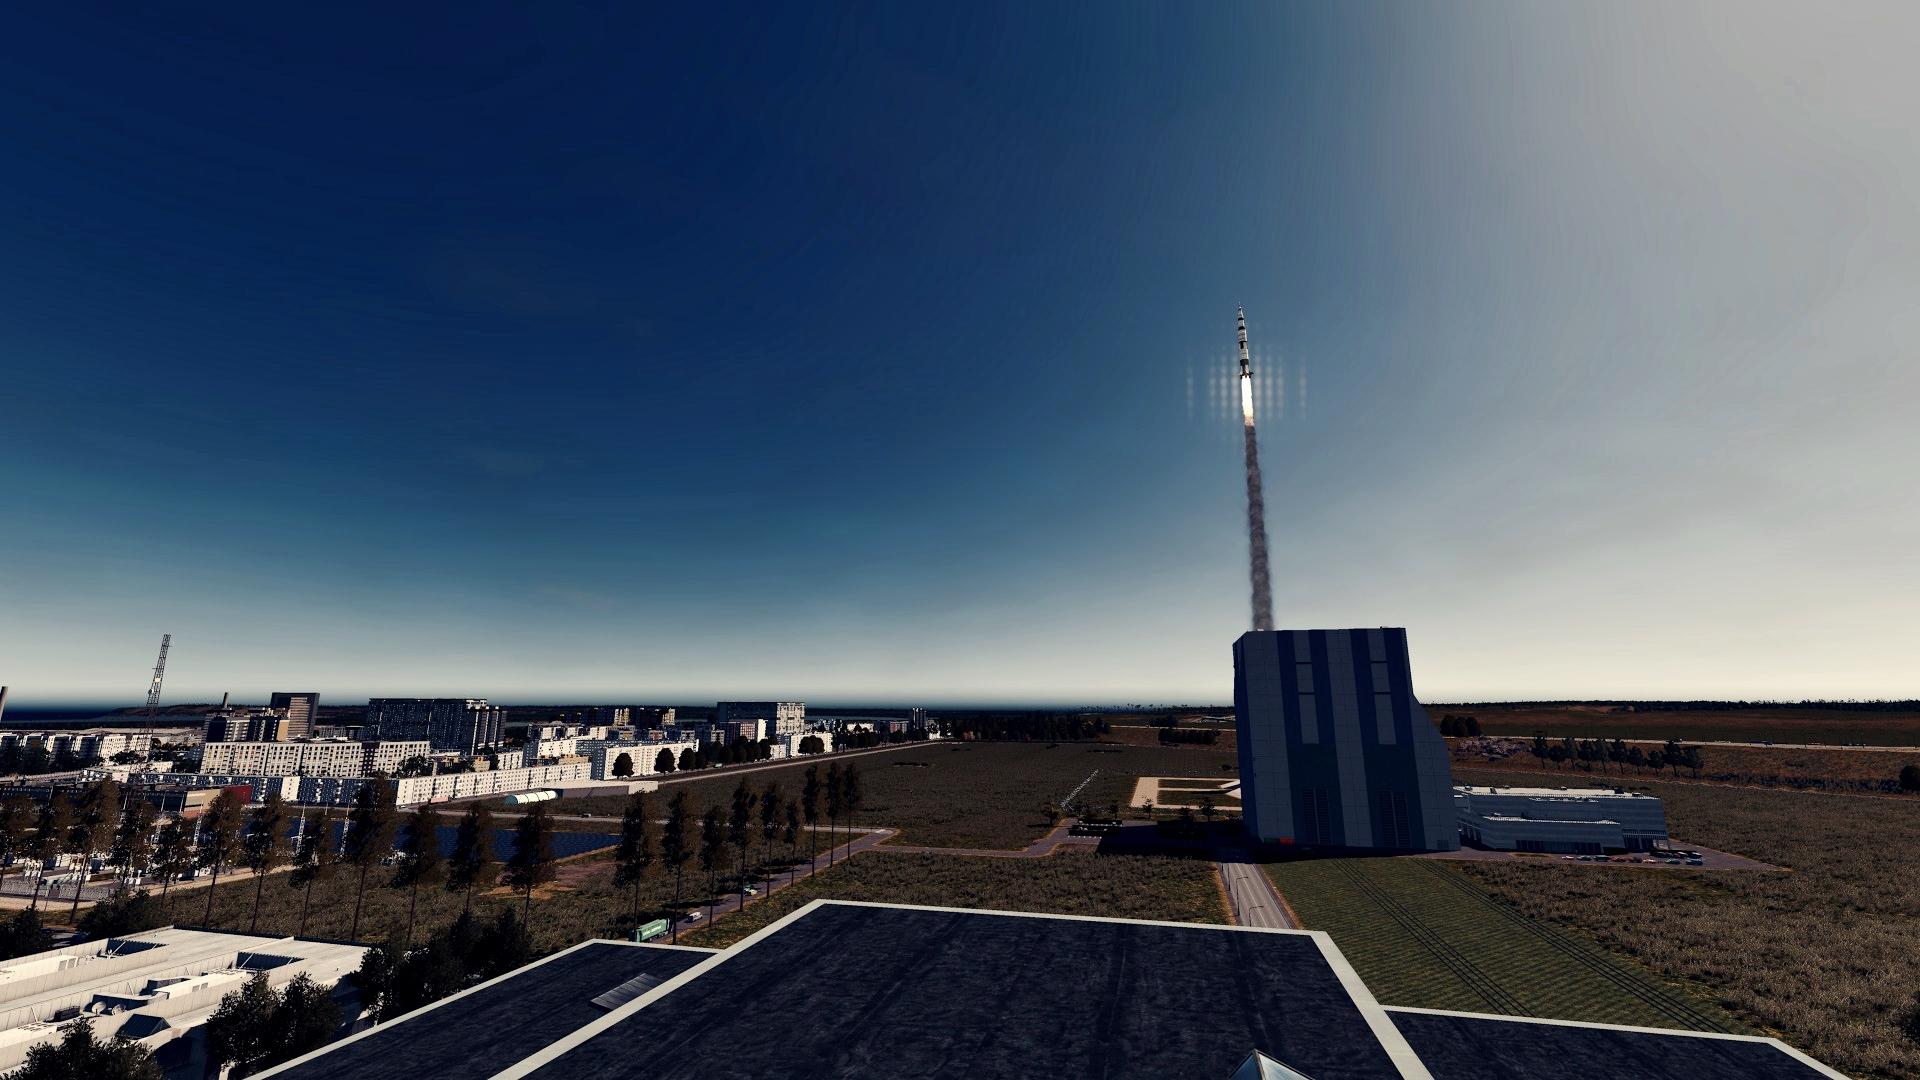 Djavolja Varos. (Maj complexe pétrolier p6, par industriel p5) à mettre à la corbeille sv - Page 3 180827111942914657